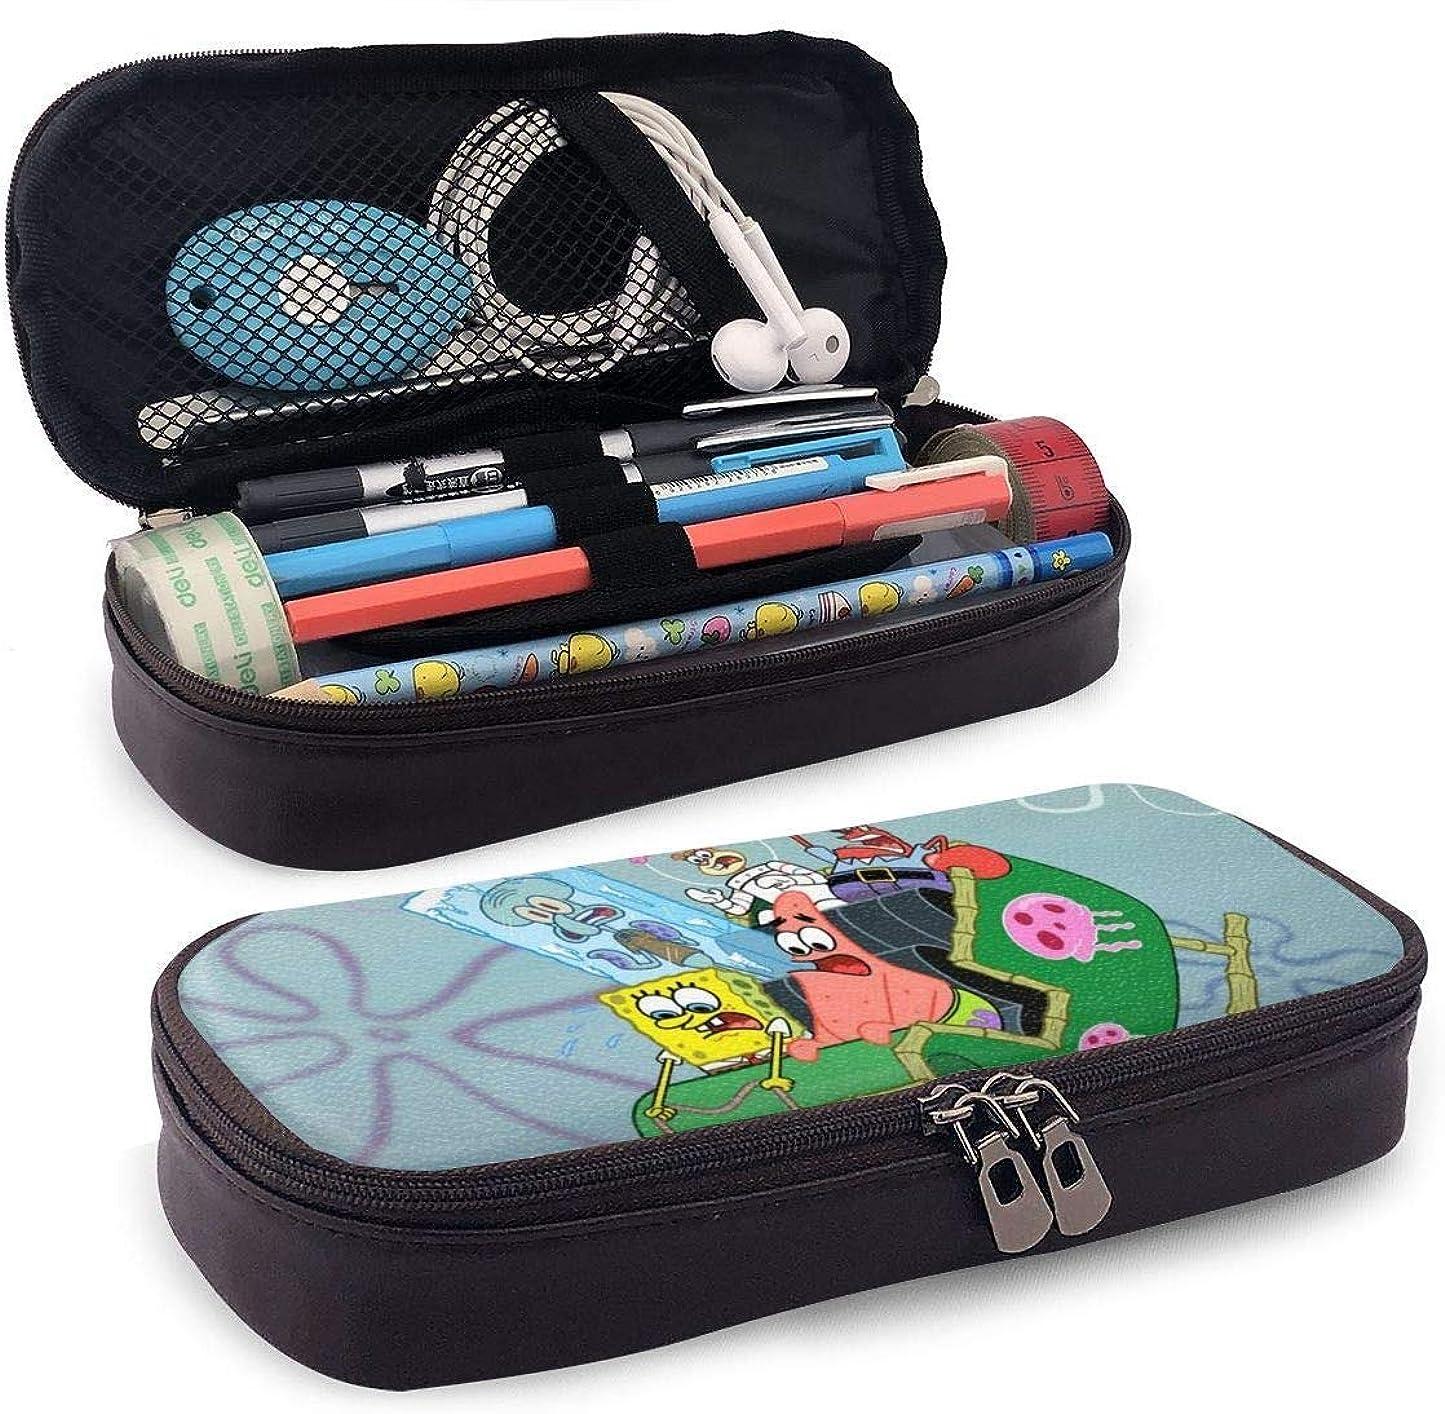 ヘビー物理的な透明に星月屋 スポンジボブ Spongebob SPONGE BOB ペンケース 筆箱 文具ケース おしゃれ 筆袋 Puレザー 大容量 高校生 学生用 かわいい 化粧ポーチ ペン 色鉛筆 文具 収納 多機能ケース 収納ポーチ